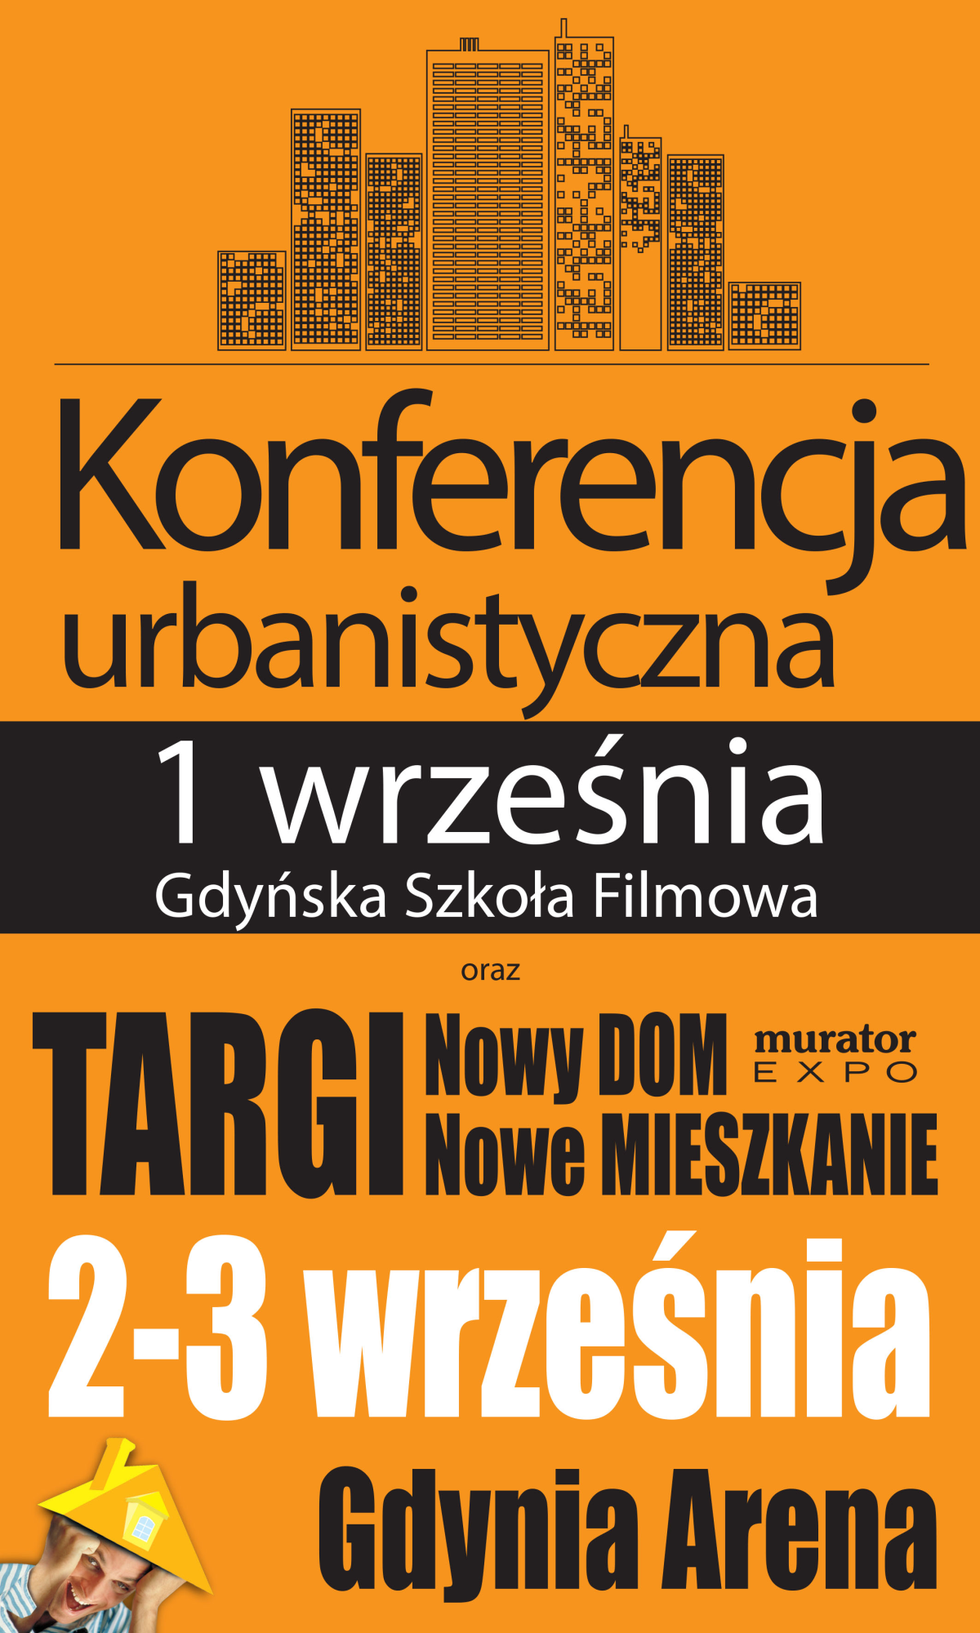 Konferencja urbanistyczna w Gdyni